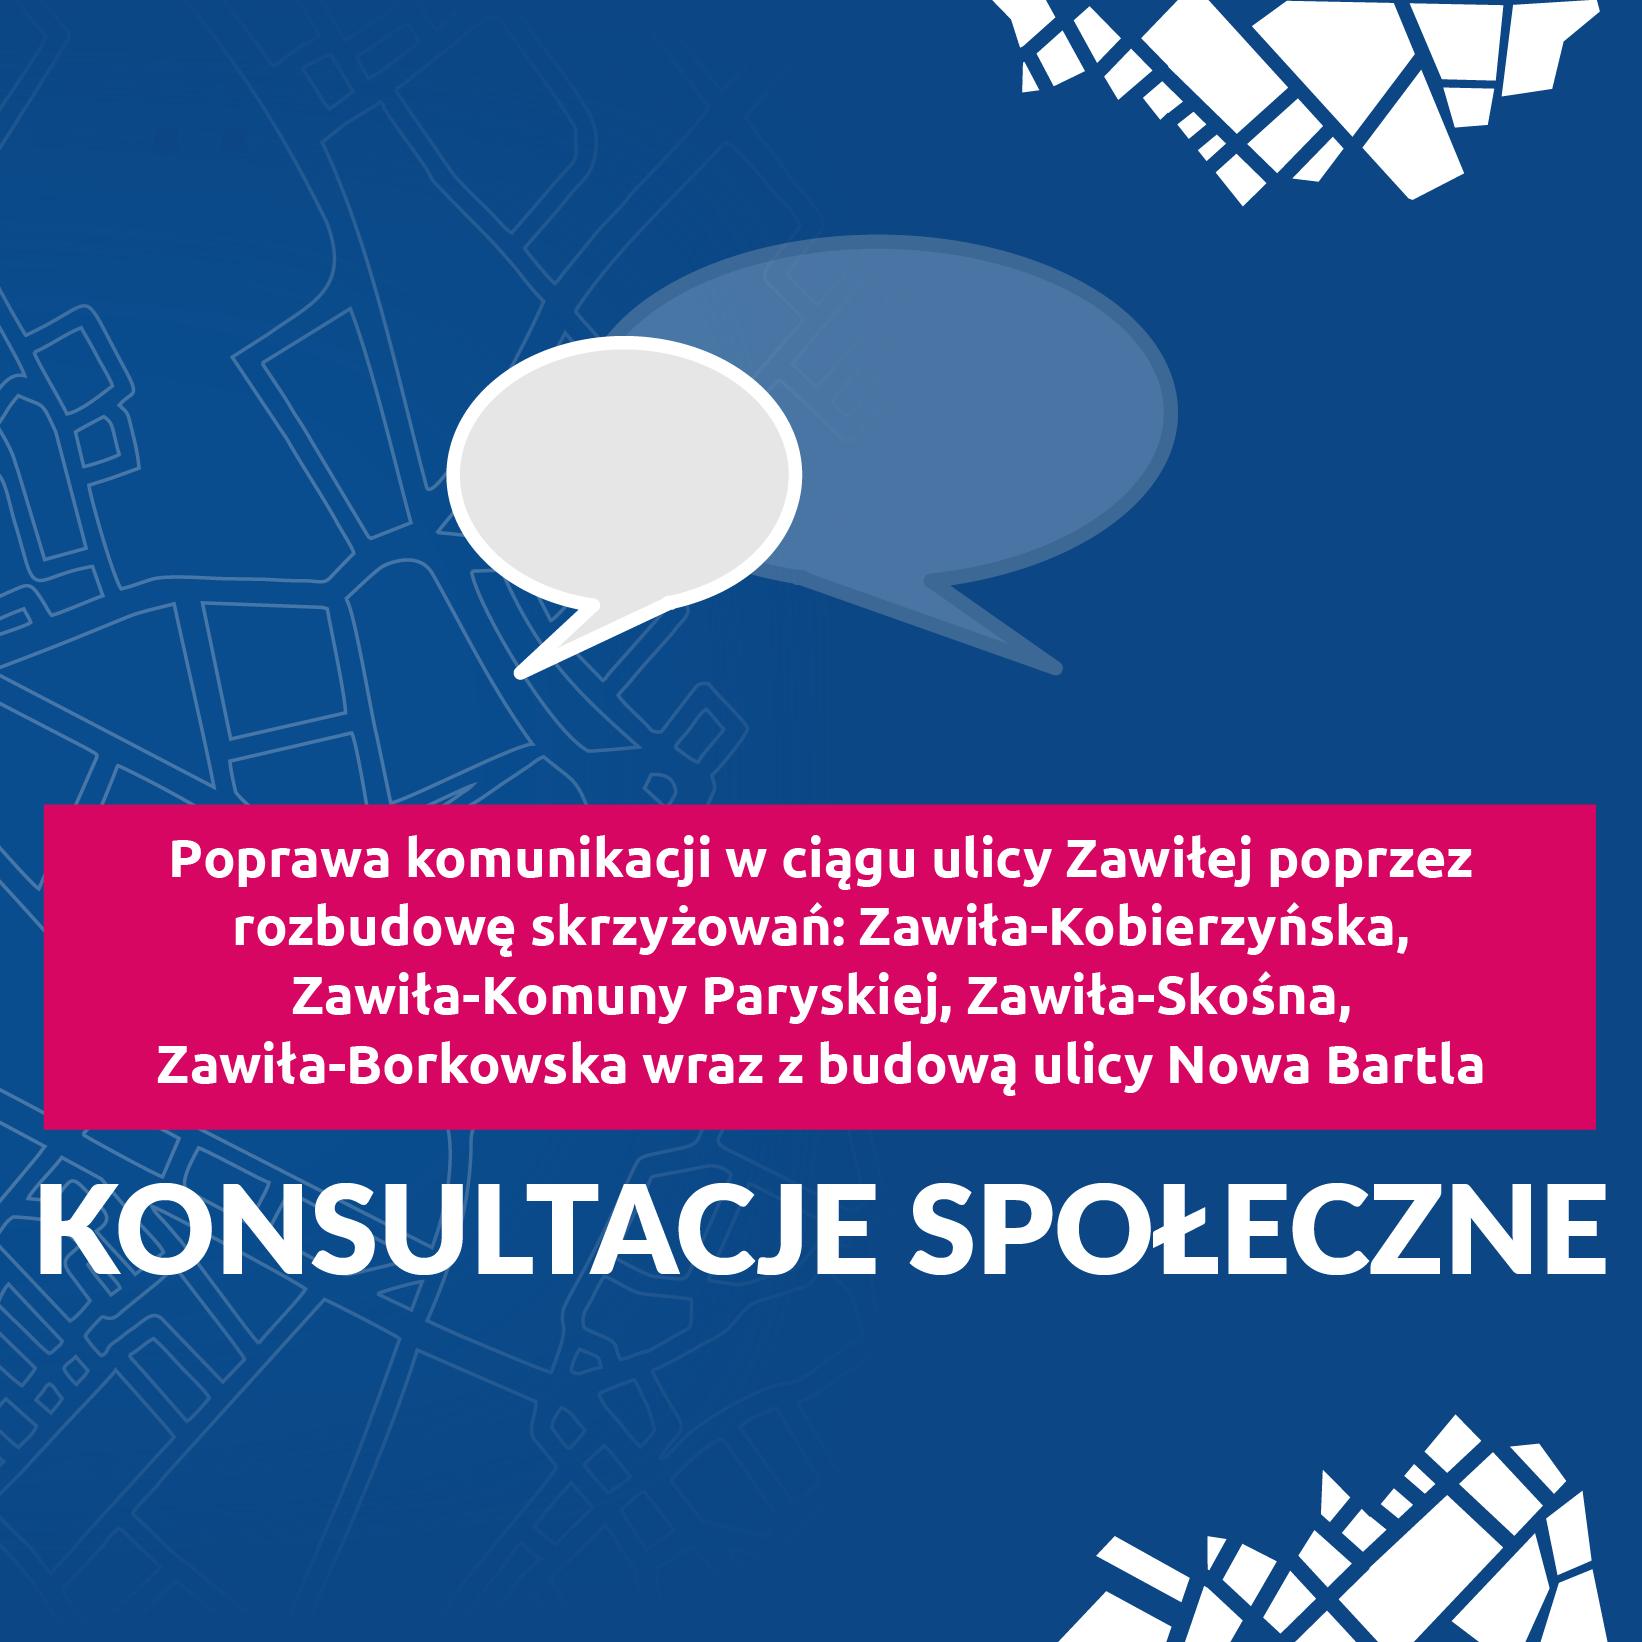 Konsultacje społeczne powstającej koncepcji dla ul. Zawiłej i Nowej Bartla